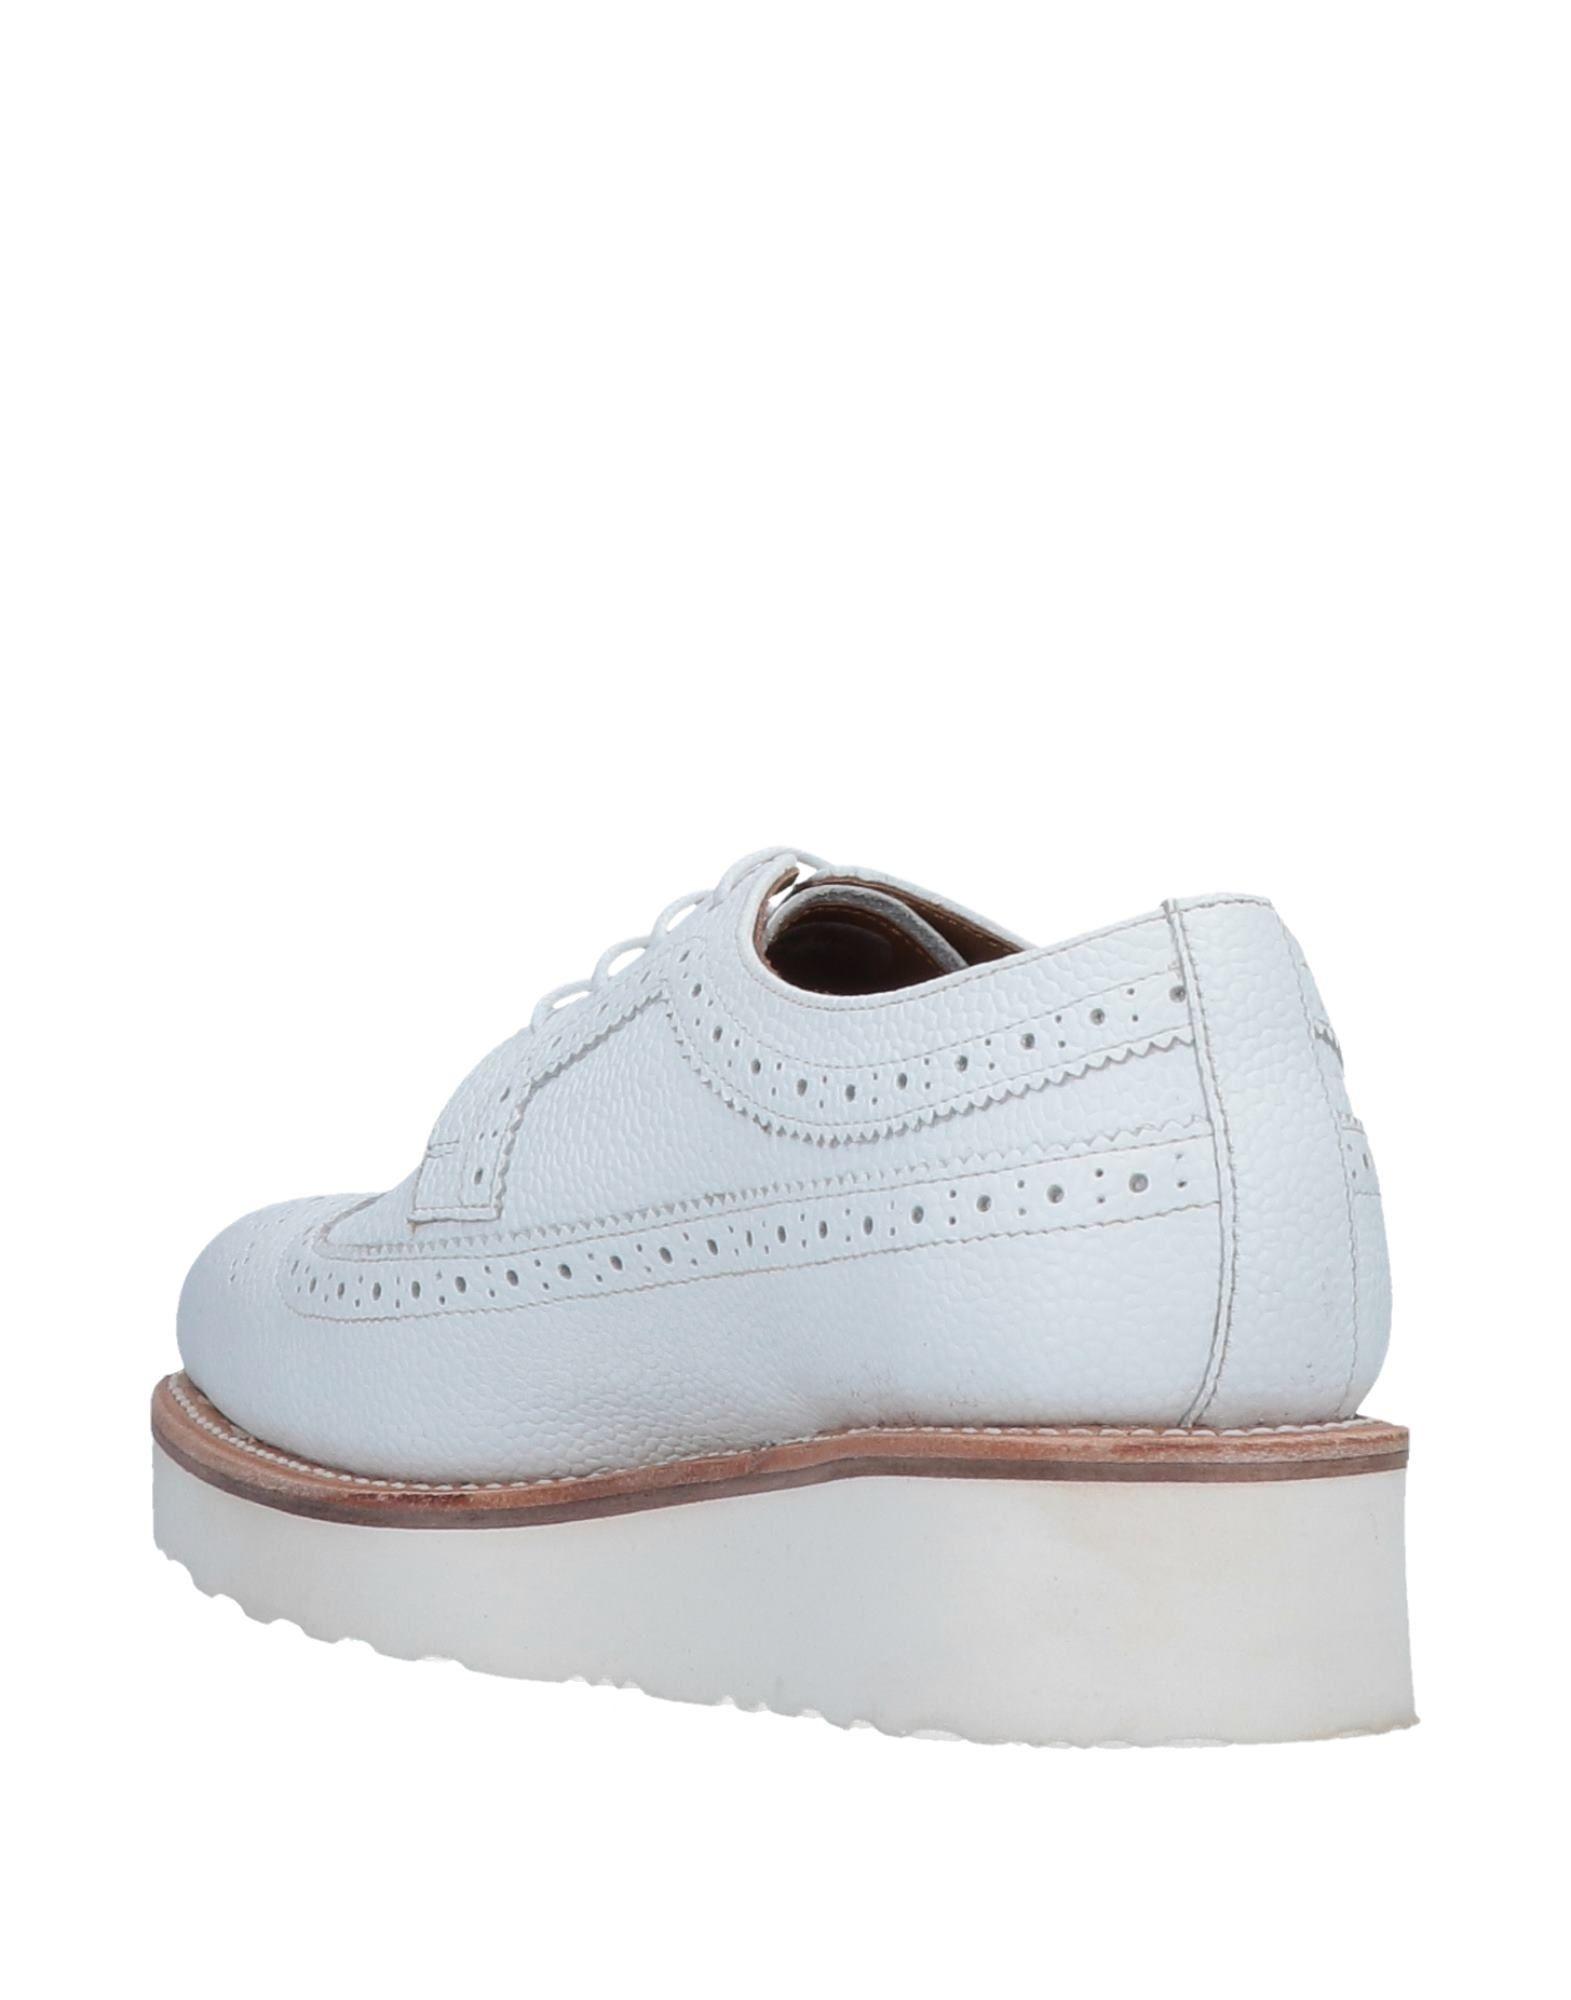 Stilvolle billige  Schuhe Grenson Schnürschuhe Damen  billige 11506919XV b793bc